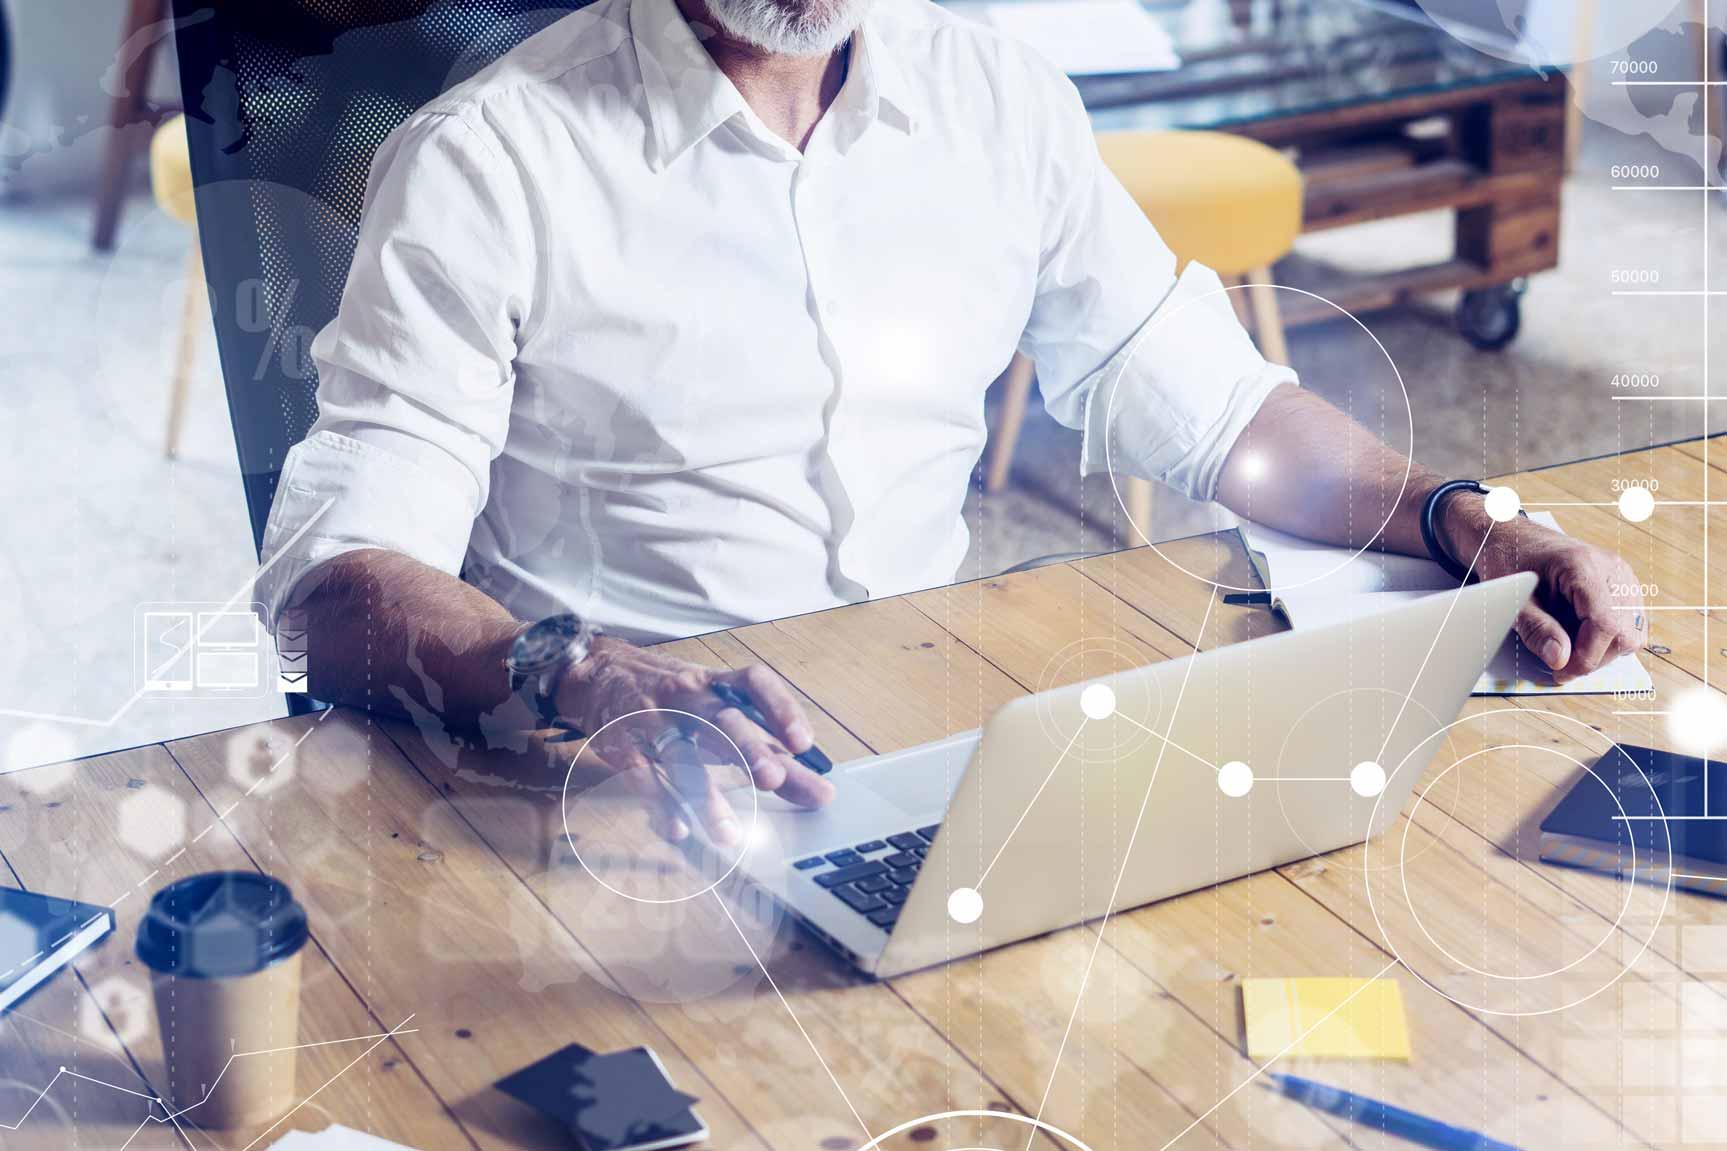 Eine erfahrener Mitarbeiter an seinem modernen Arbeitsplatz in einer vernetzten Welt.